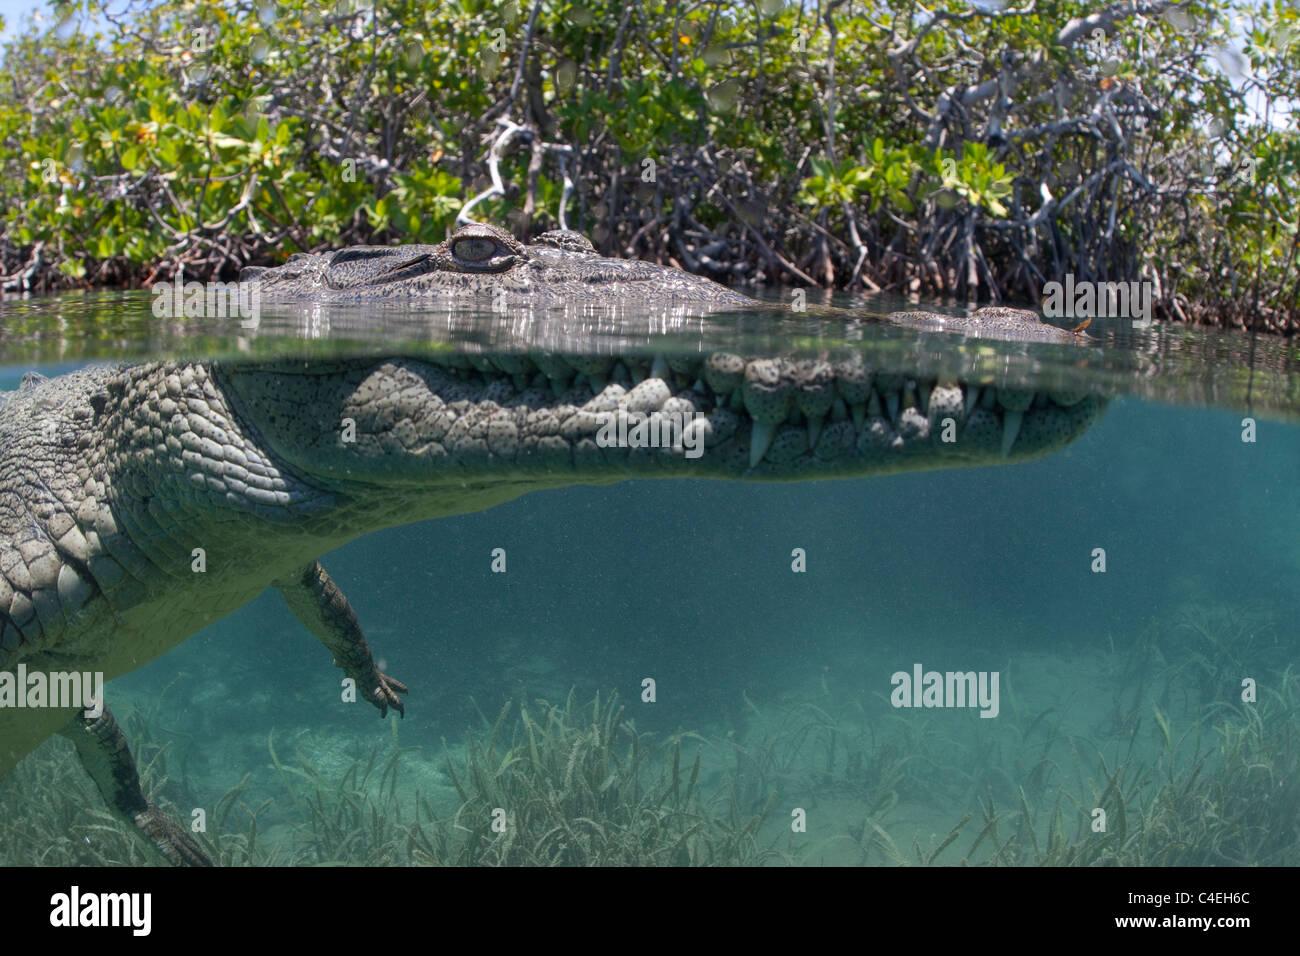 Un split-vista al agua de un cocodrilo cubano nadando a través de un bosque de manglares en las costas de Cuba. Imagen De Stock